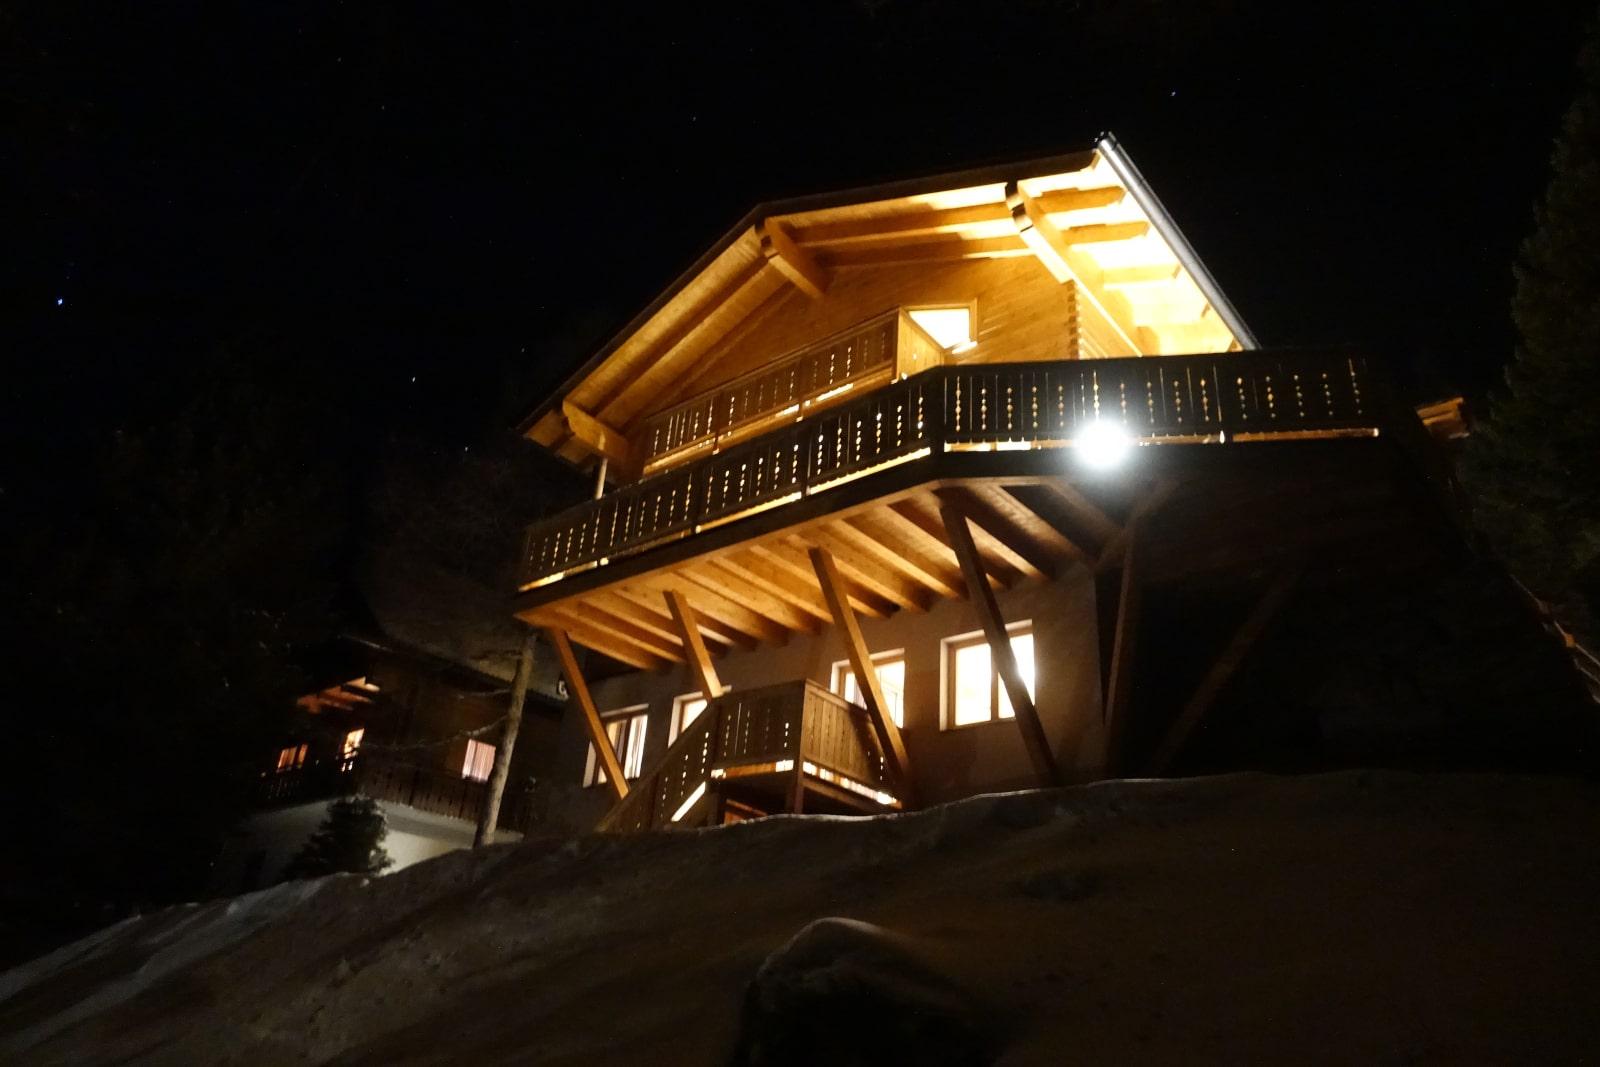 Heidi-Chalet-Falkert-Heidialm-Almsommer-Winter-Ski-Winter-Nacht-Stimmung